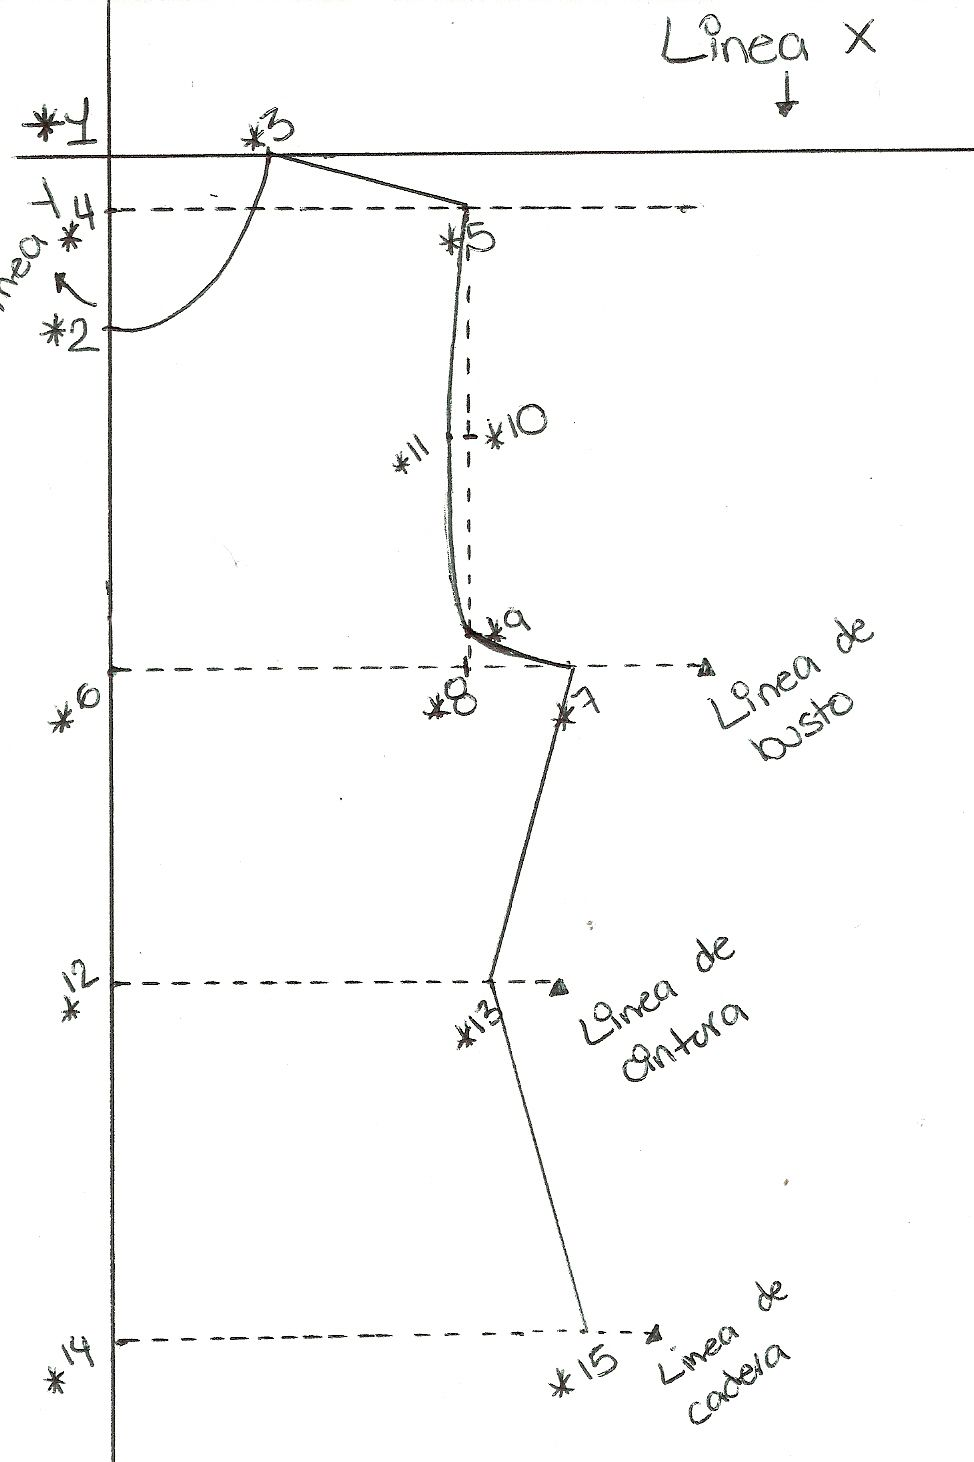 EL RINCON DE LA COSTURA: Trazar patron base de blusa | Patrones ...